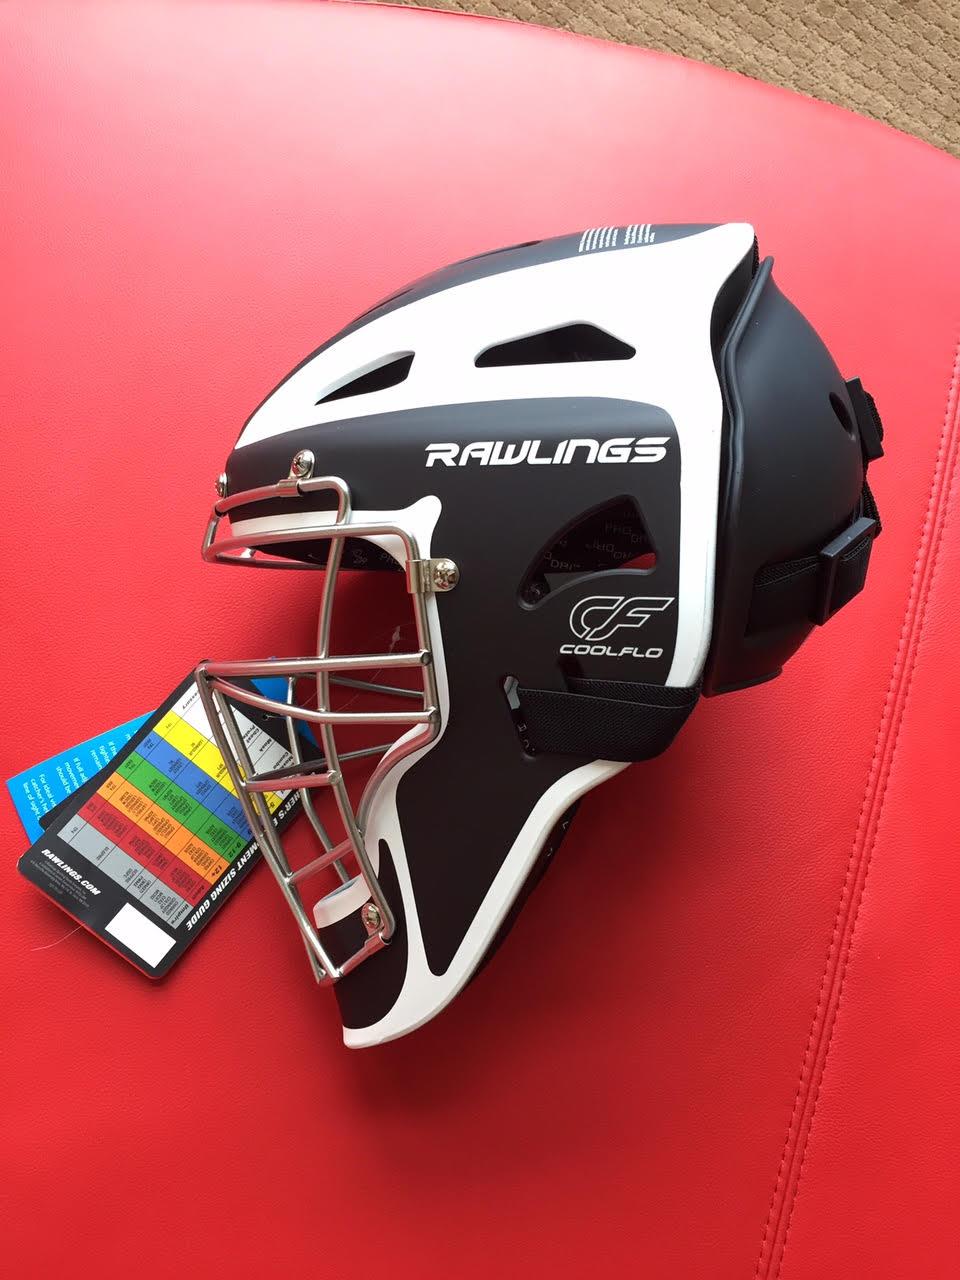 rawlings-coolflo-helmet